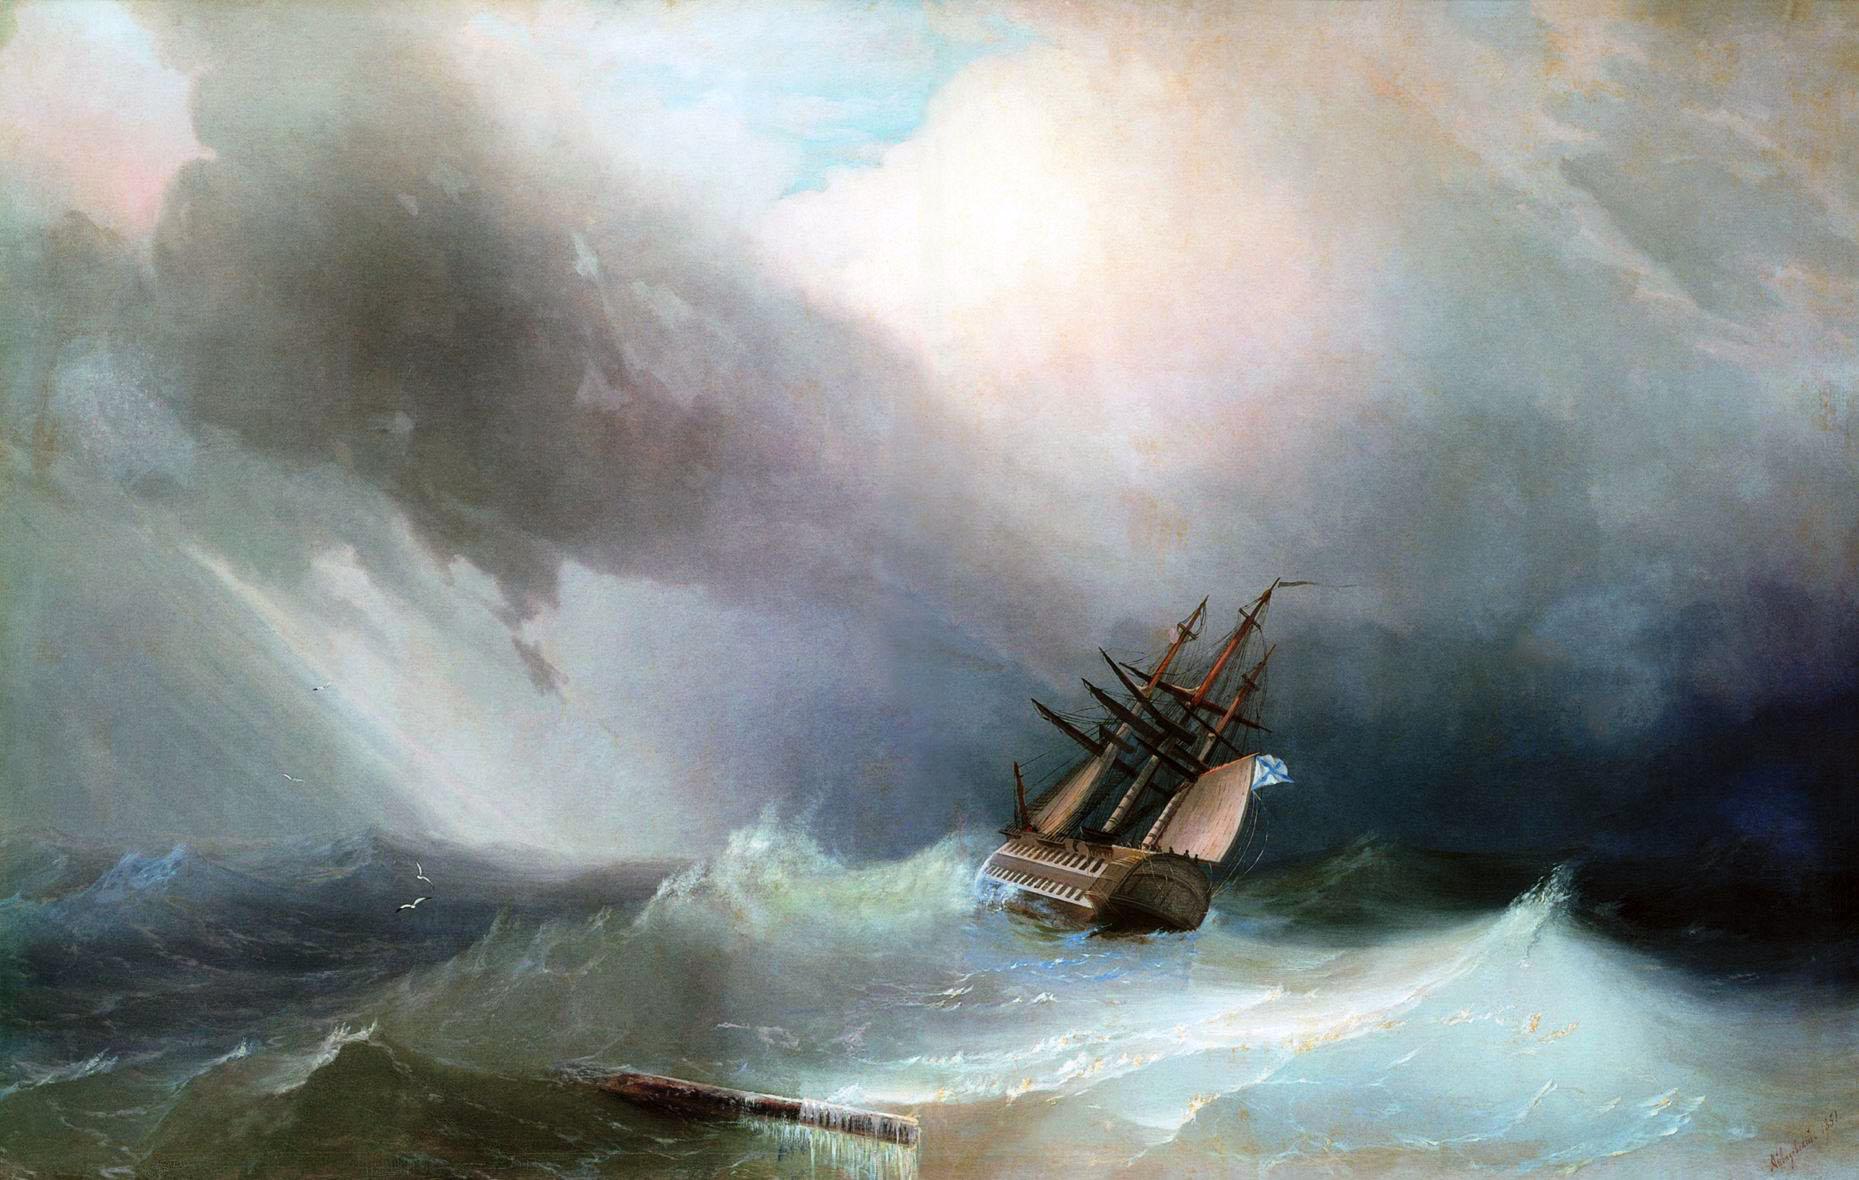 Файл:Буря Айвазовский.jpg — Википедия